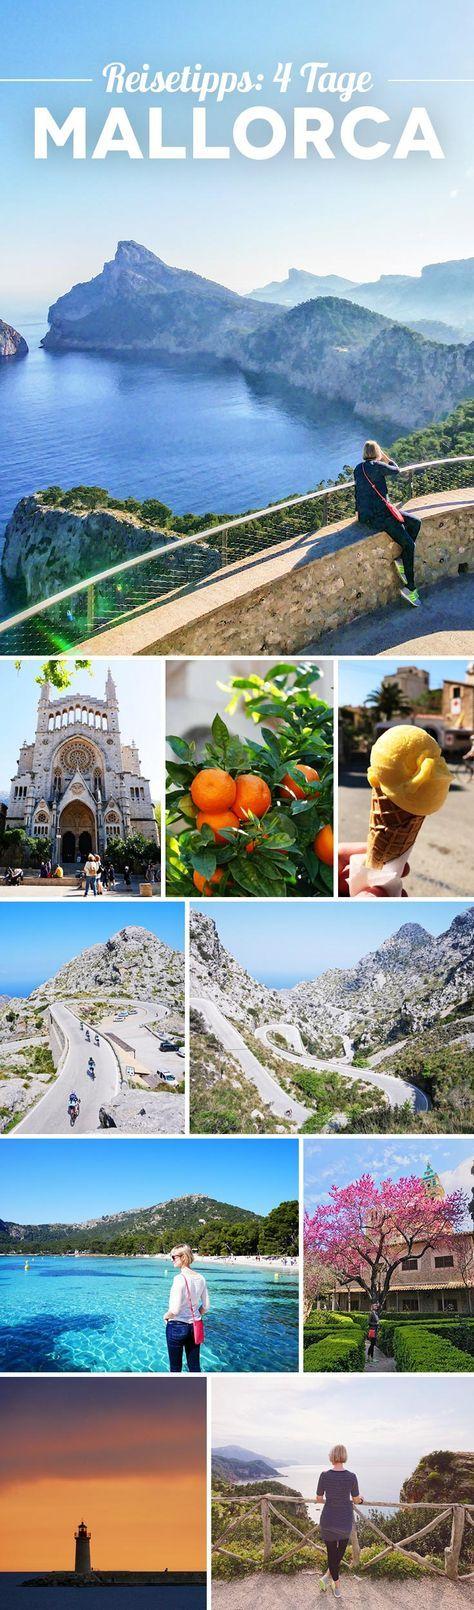 Mallorca Sehenswürdigkeiten: Wie du 4 großartige Tage auf Mallorca verbringen kannst – Tourlina – the female travel app